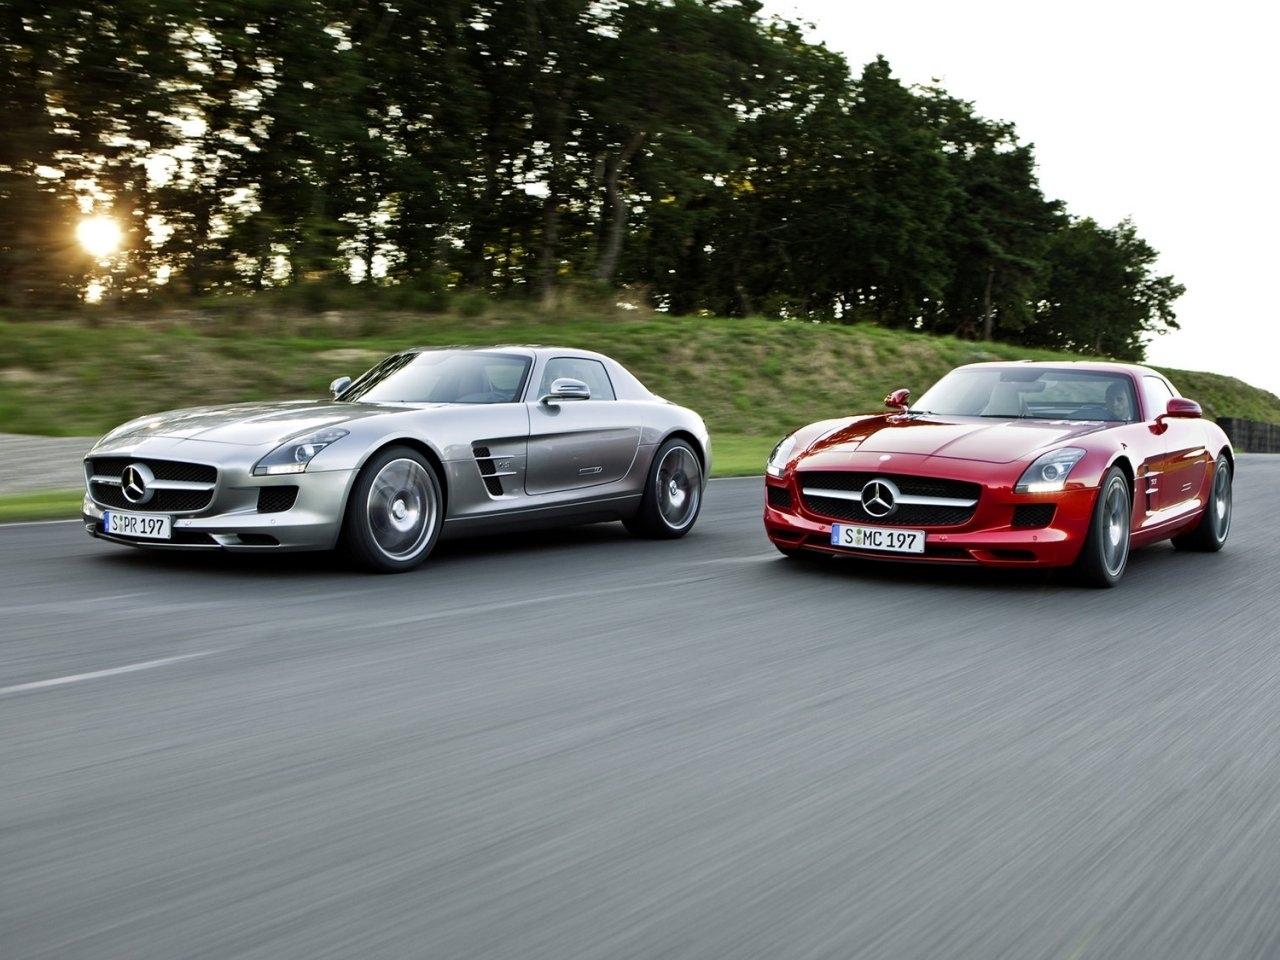 29253 скачать обои Транспорт, Машины, Мерседес (Mercedes) - заставки и картинки бесплатно